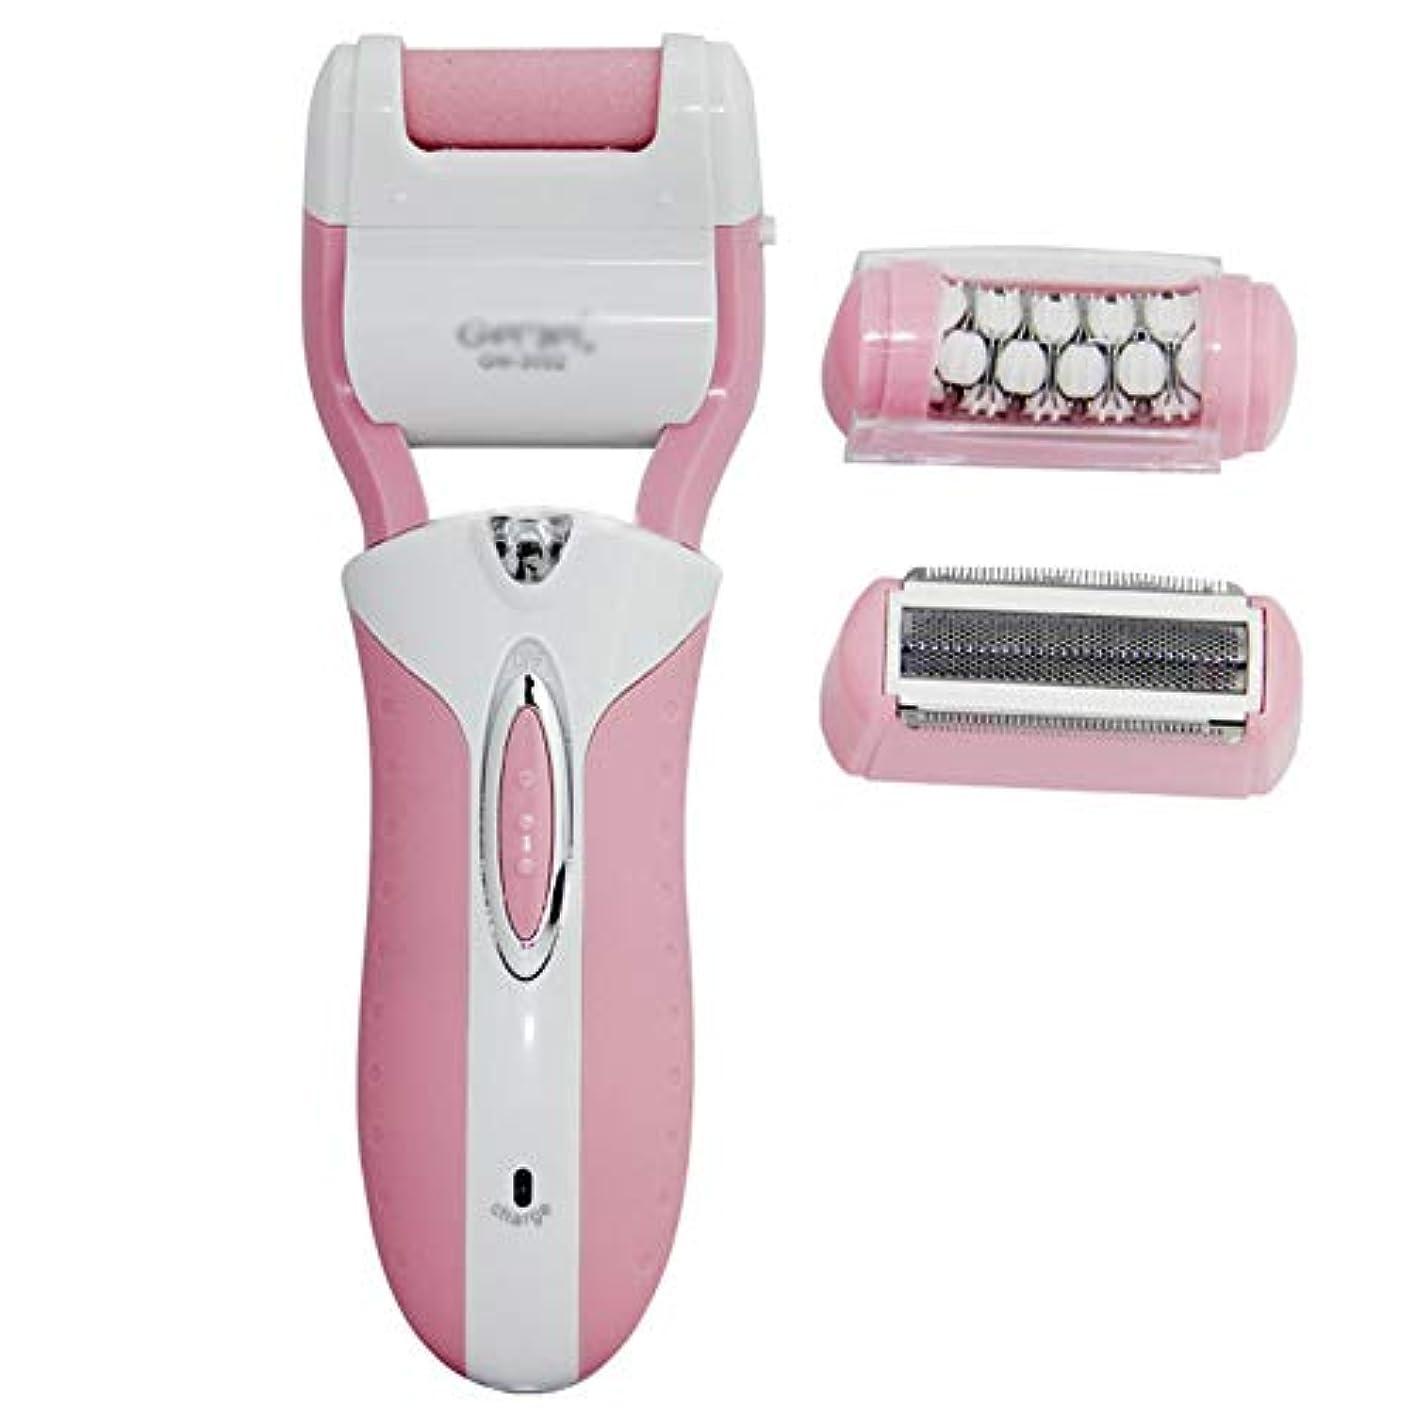 素晴らしき変位ミキサー女性用脱毛器、電動除毛、コードレス、ウェット&ドライ。充電式防水電気シェーバーインスタントヘアトリマーリムーバー,Pink